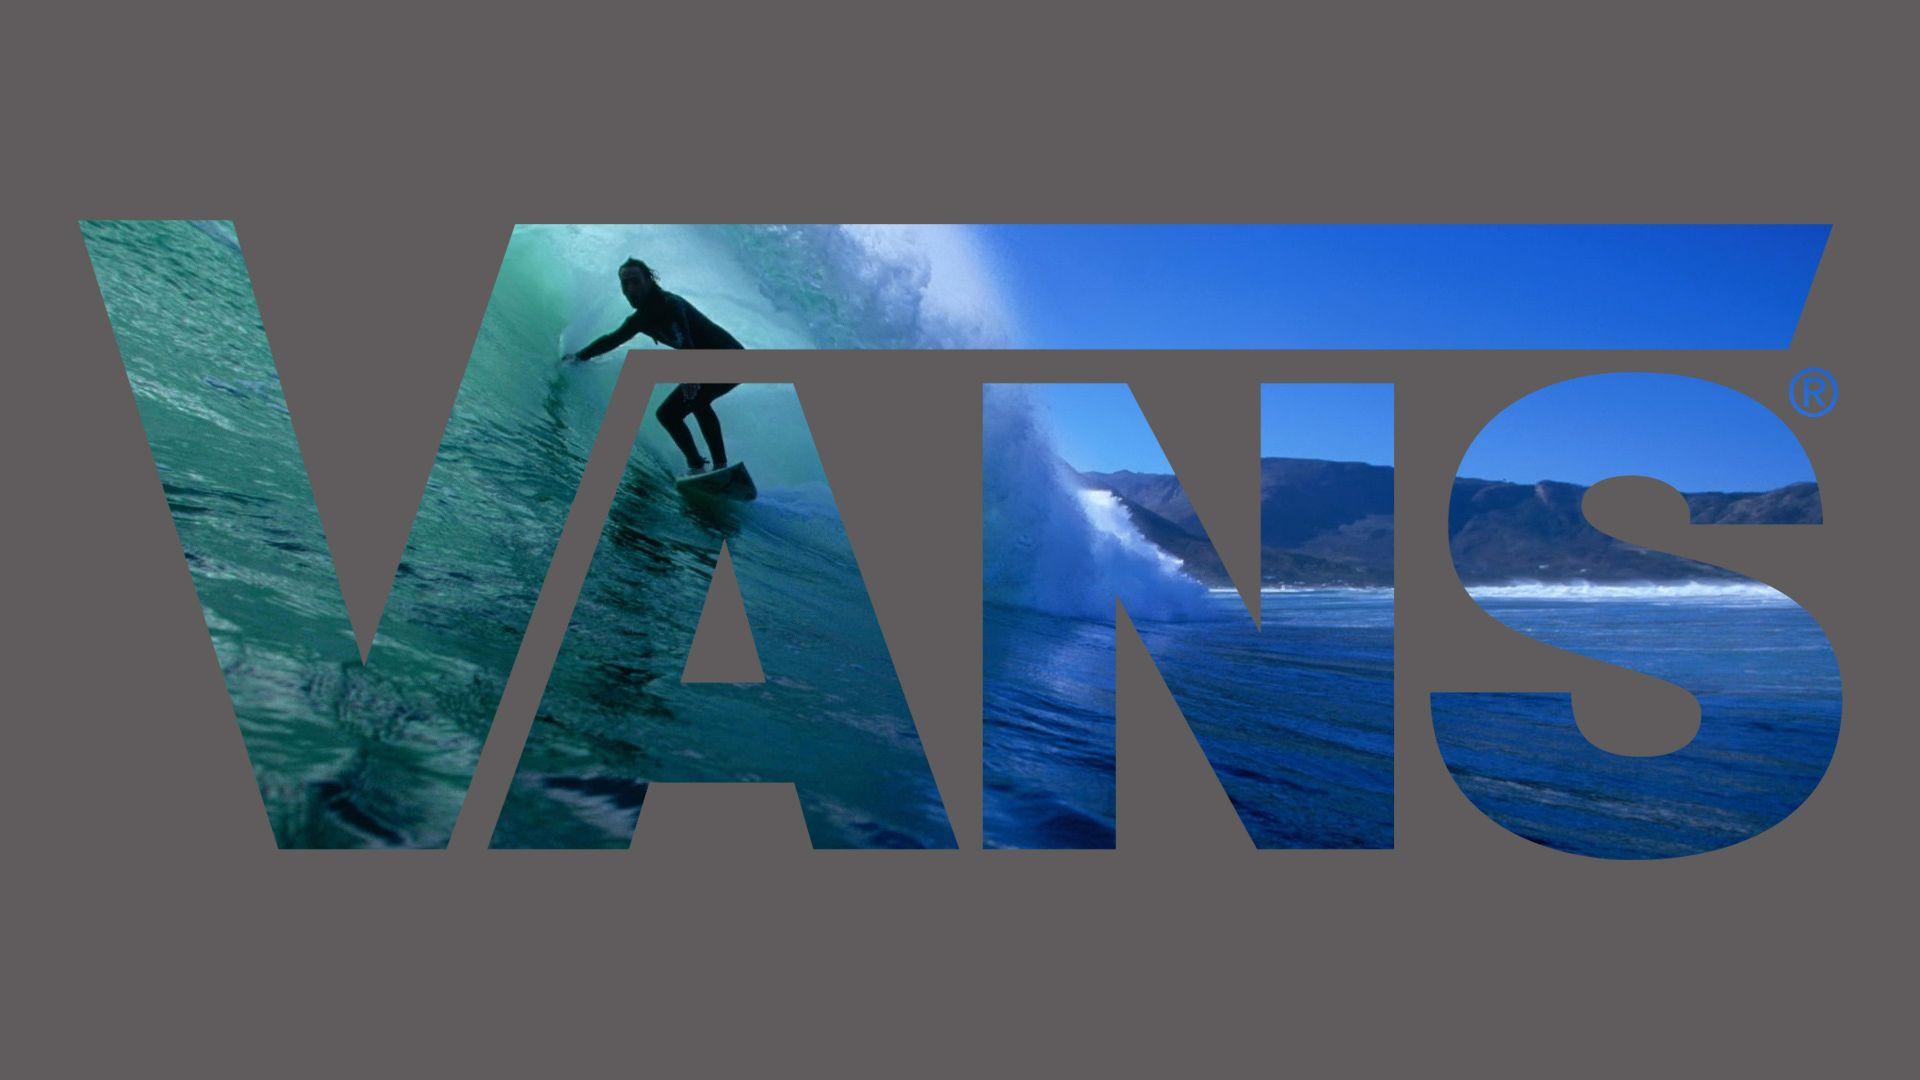 Vans surfing desktop one wallpapers HD.